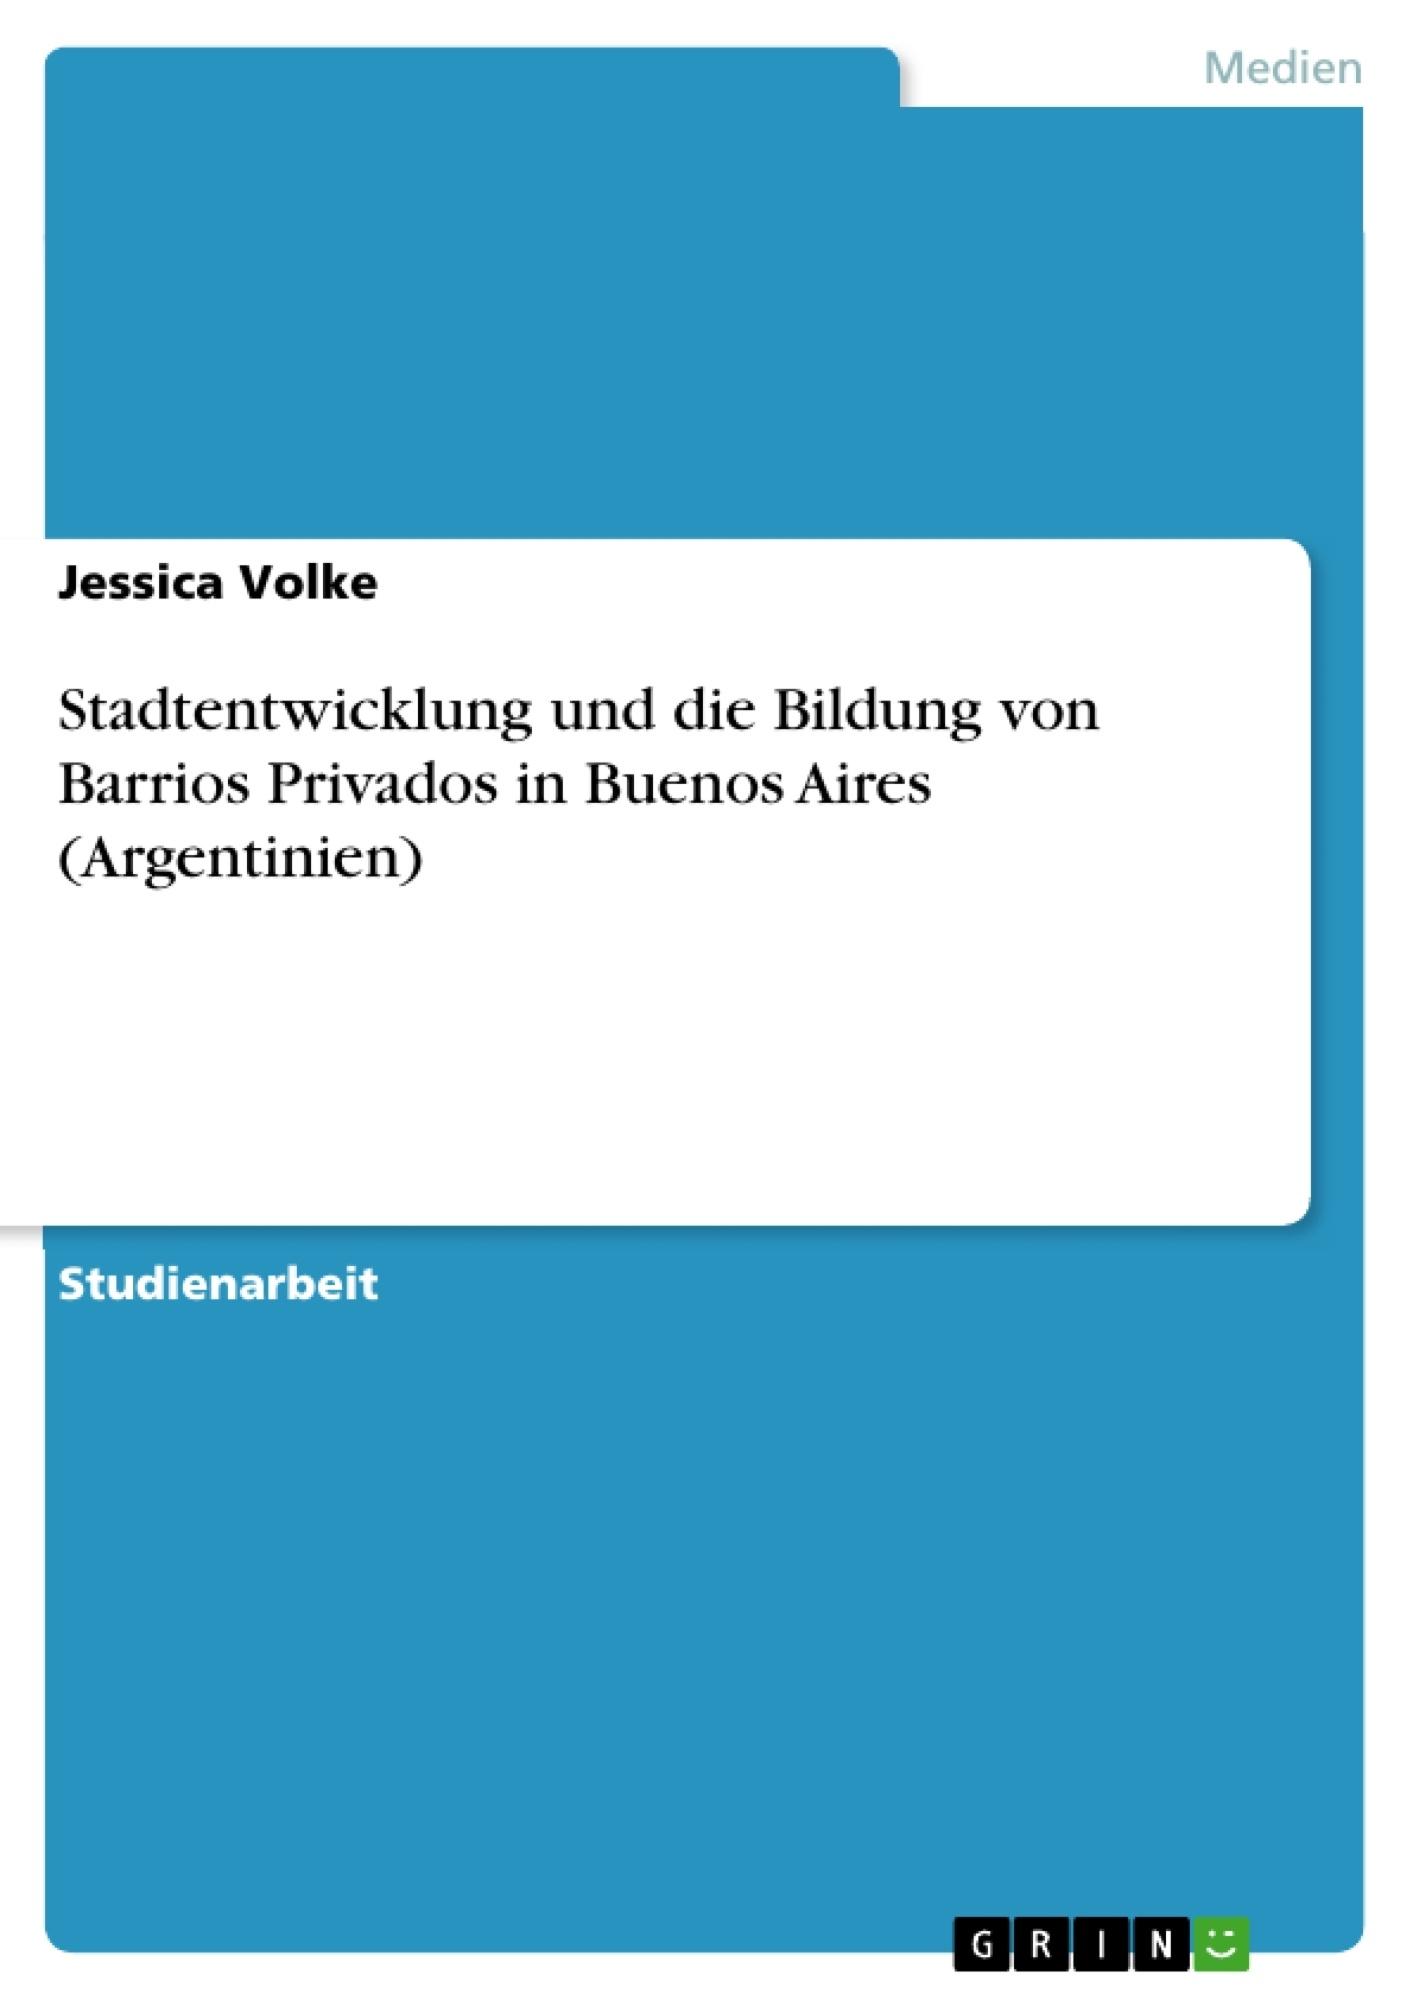 Titel: Stadtentwicklung und die Bildung von Barrios Privados in Buenos Aires (Argentinien)